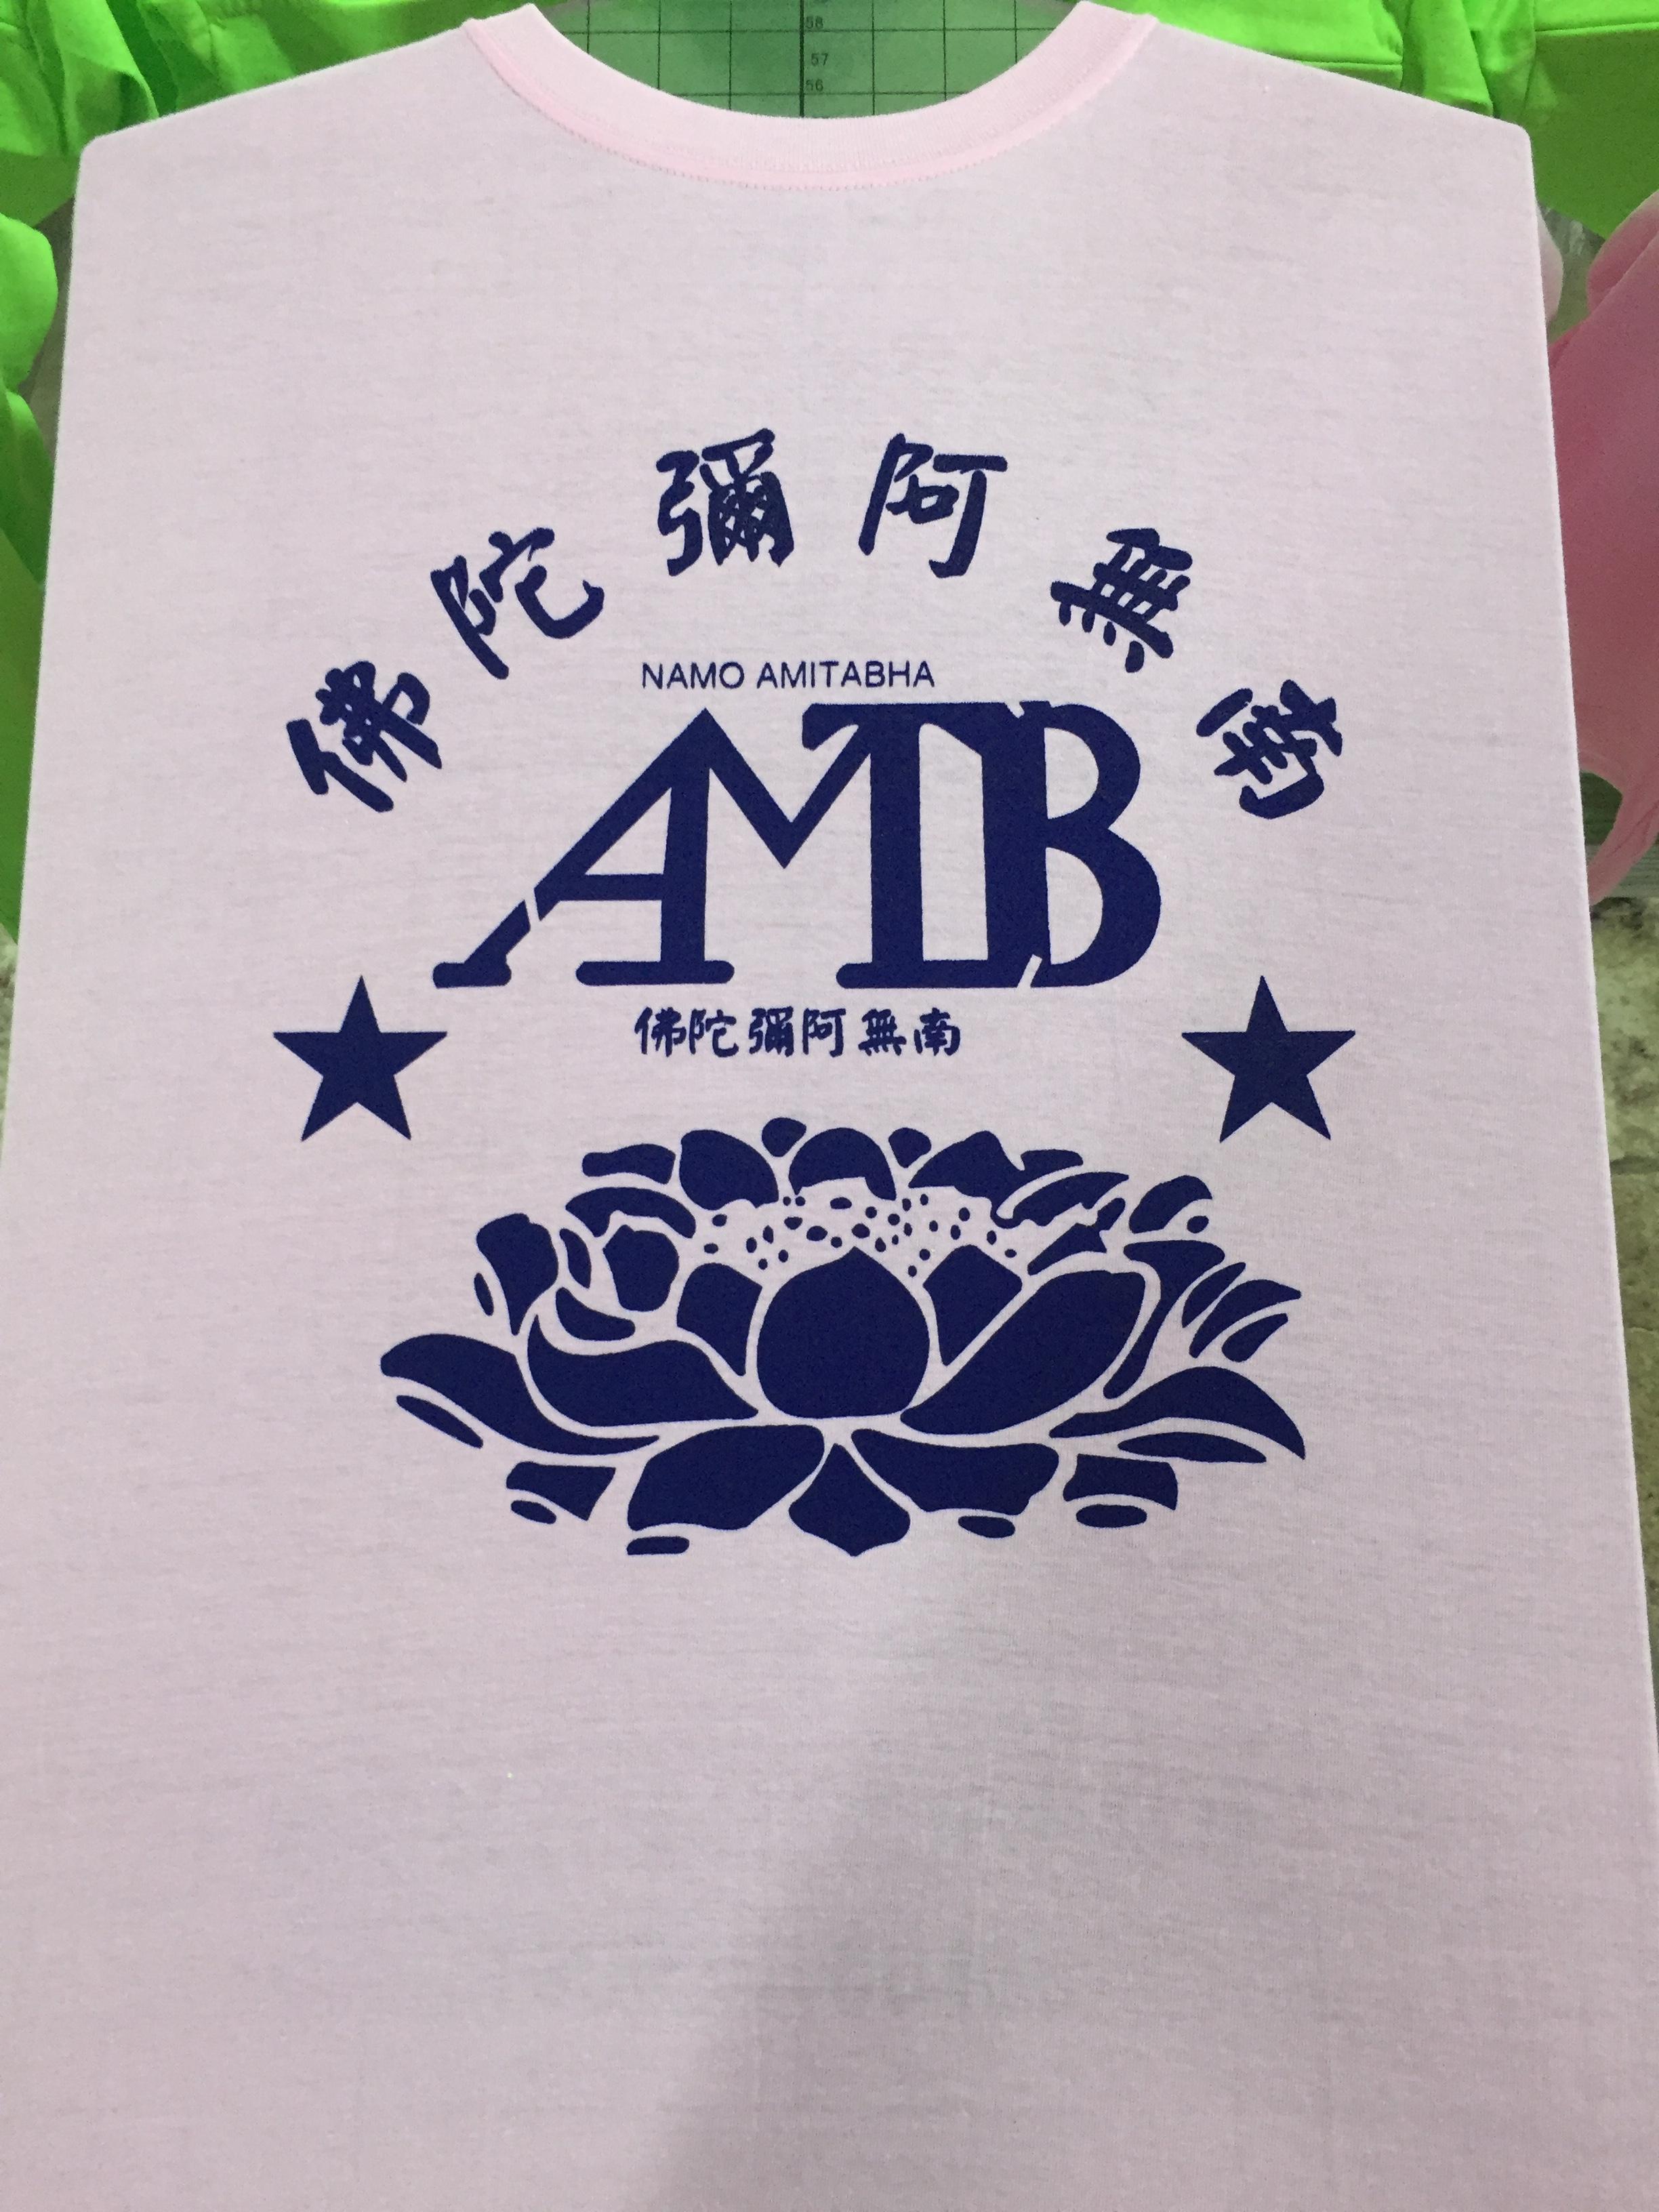 A Di Đà T-Shirt T-Shirt ngắn tay bông Phật quần áo gắn liền với A Di Đà quần áo Nam không có ngắn tay cổ tròn